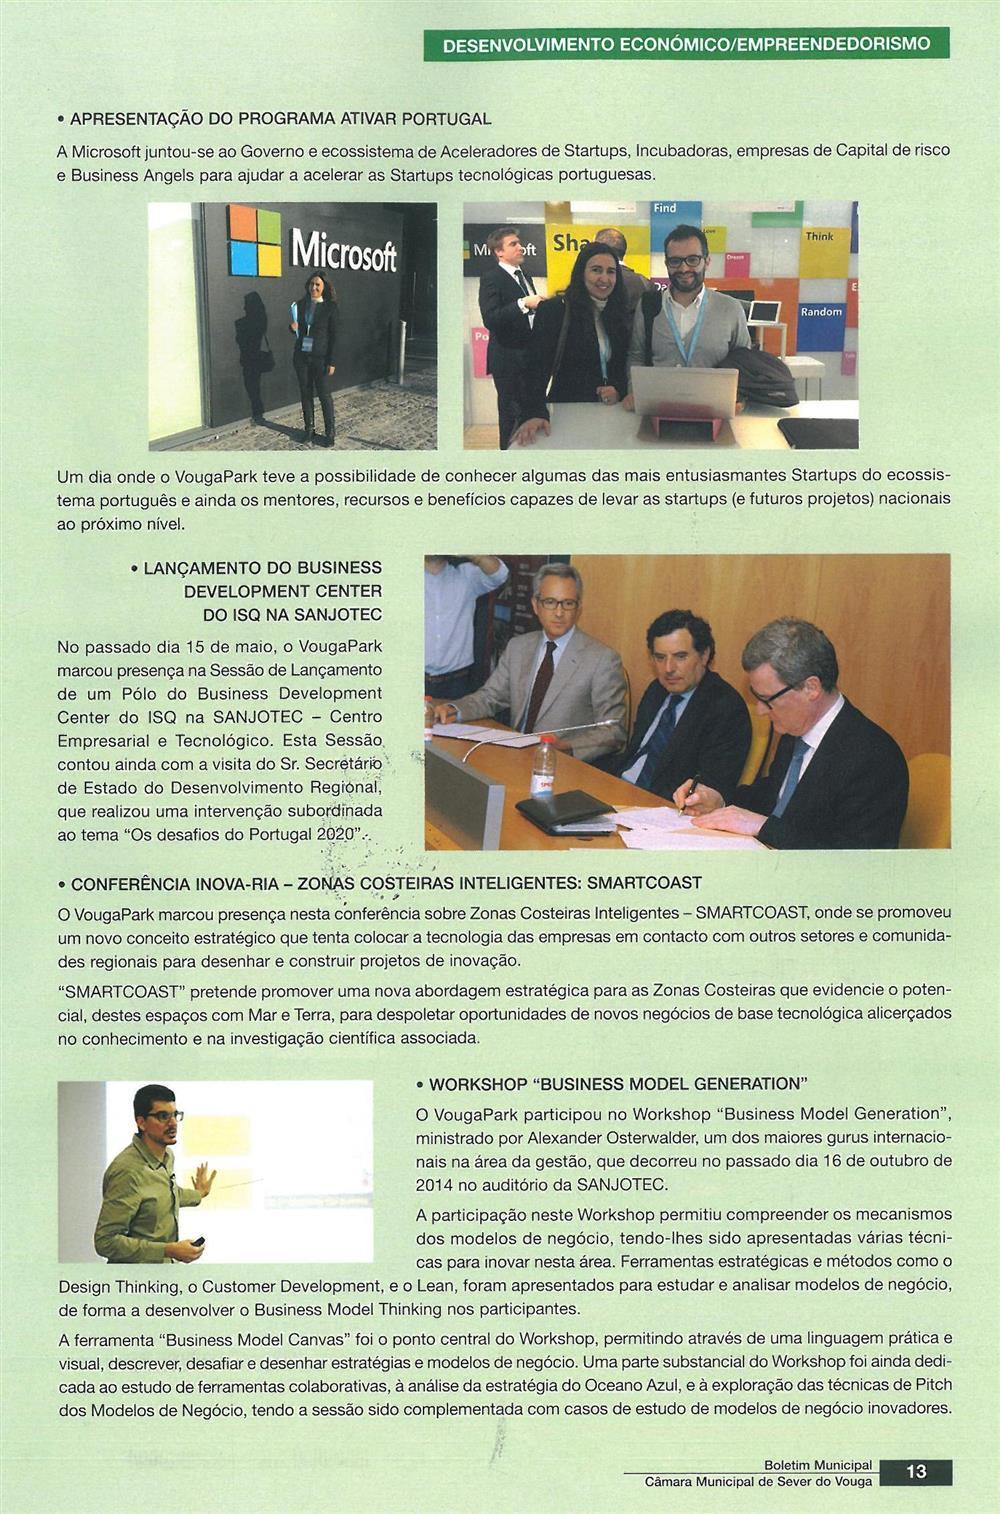 BoletimMunicipal-n.º32-nov.'15-p.13-VougaPark [5.ª parte de sete] : desenvolvimento económico : empreendedorismo.jpg